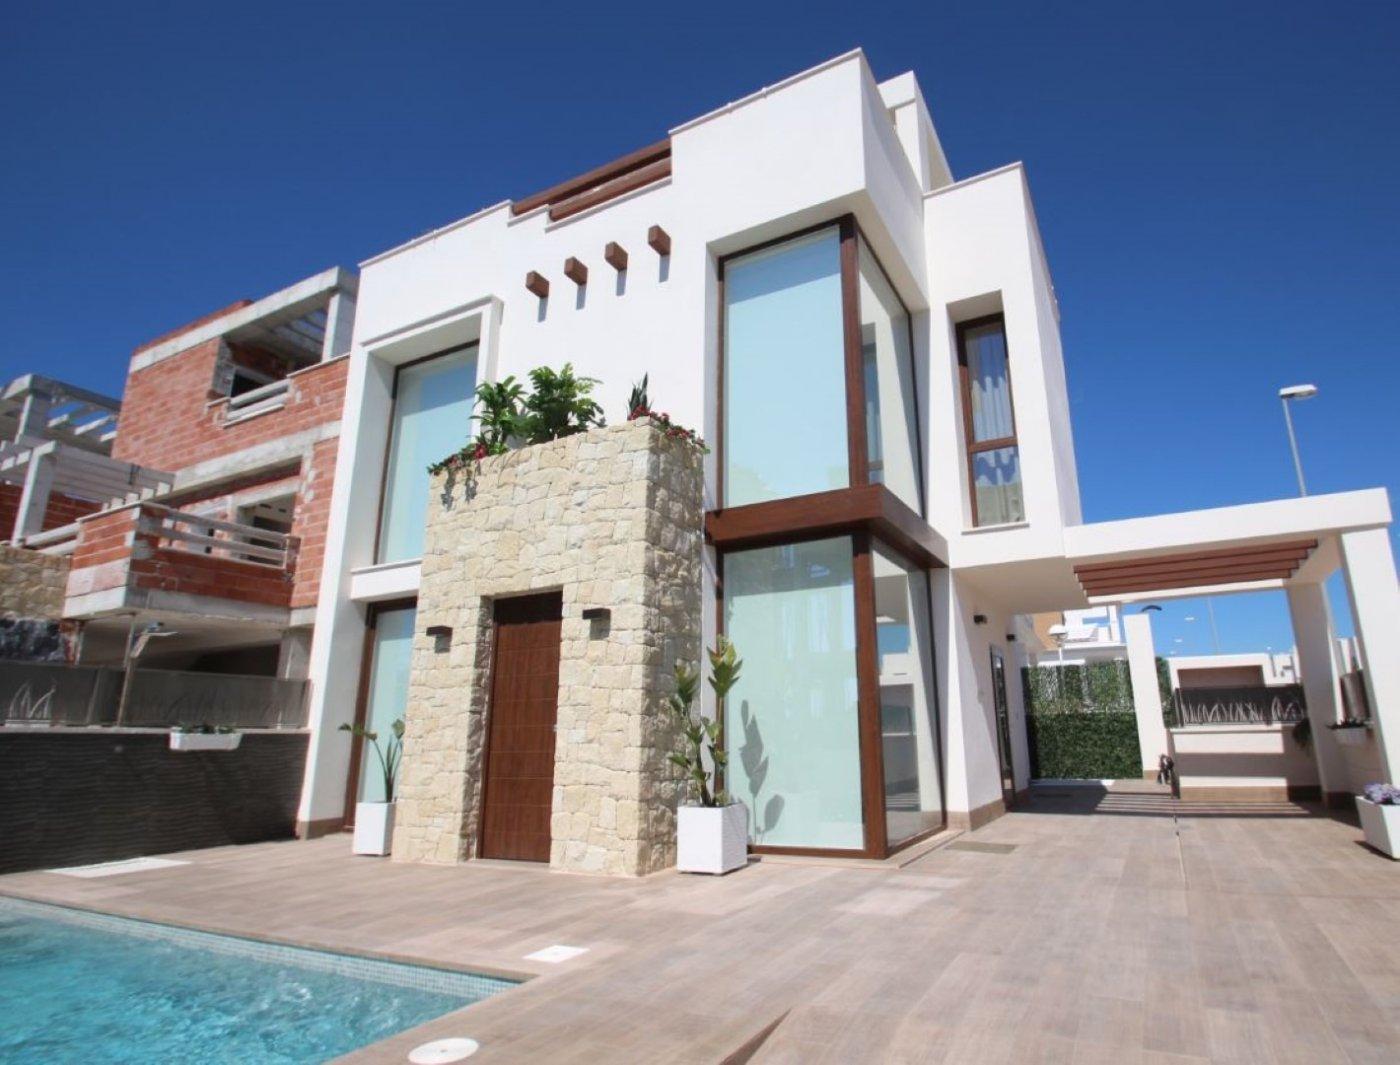 Detached - New Build - La Manga del Mar Menor - Zona Playa Honda